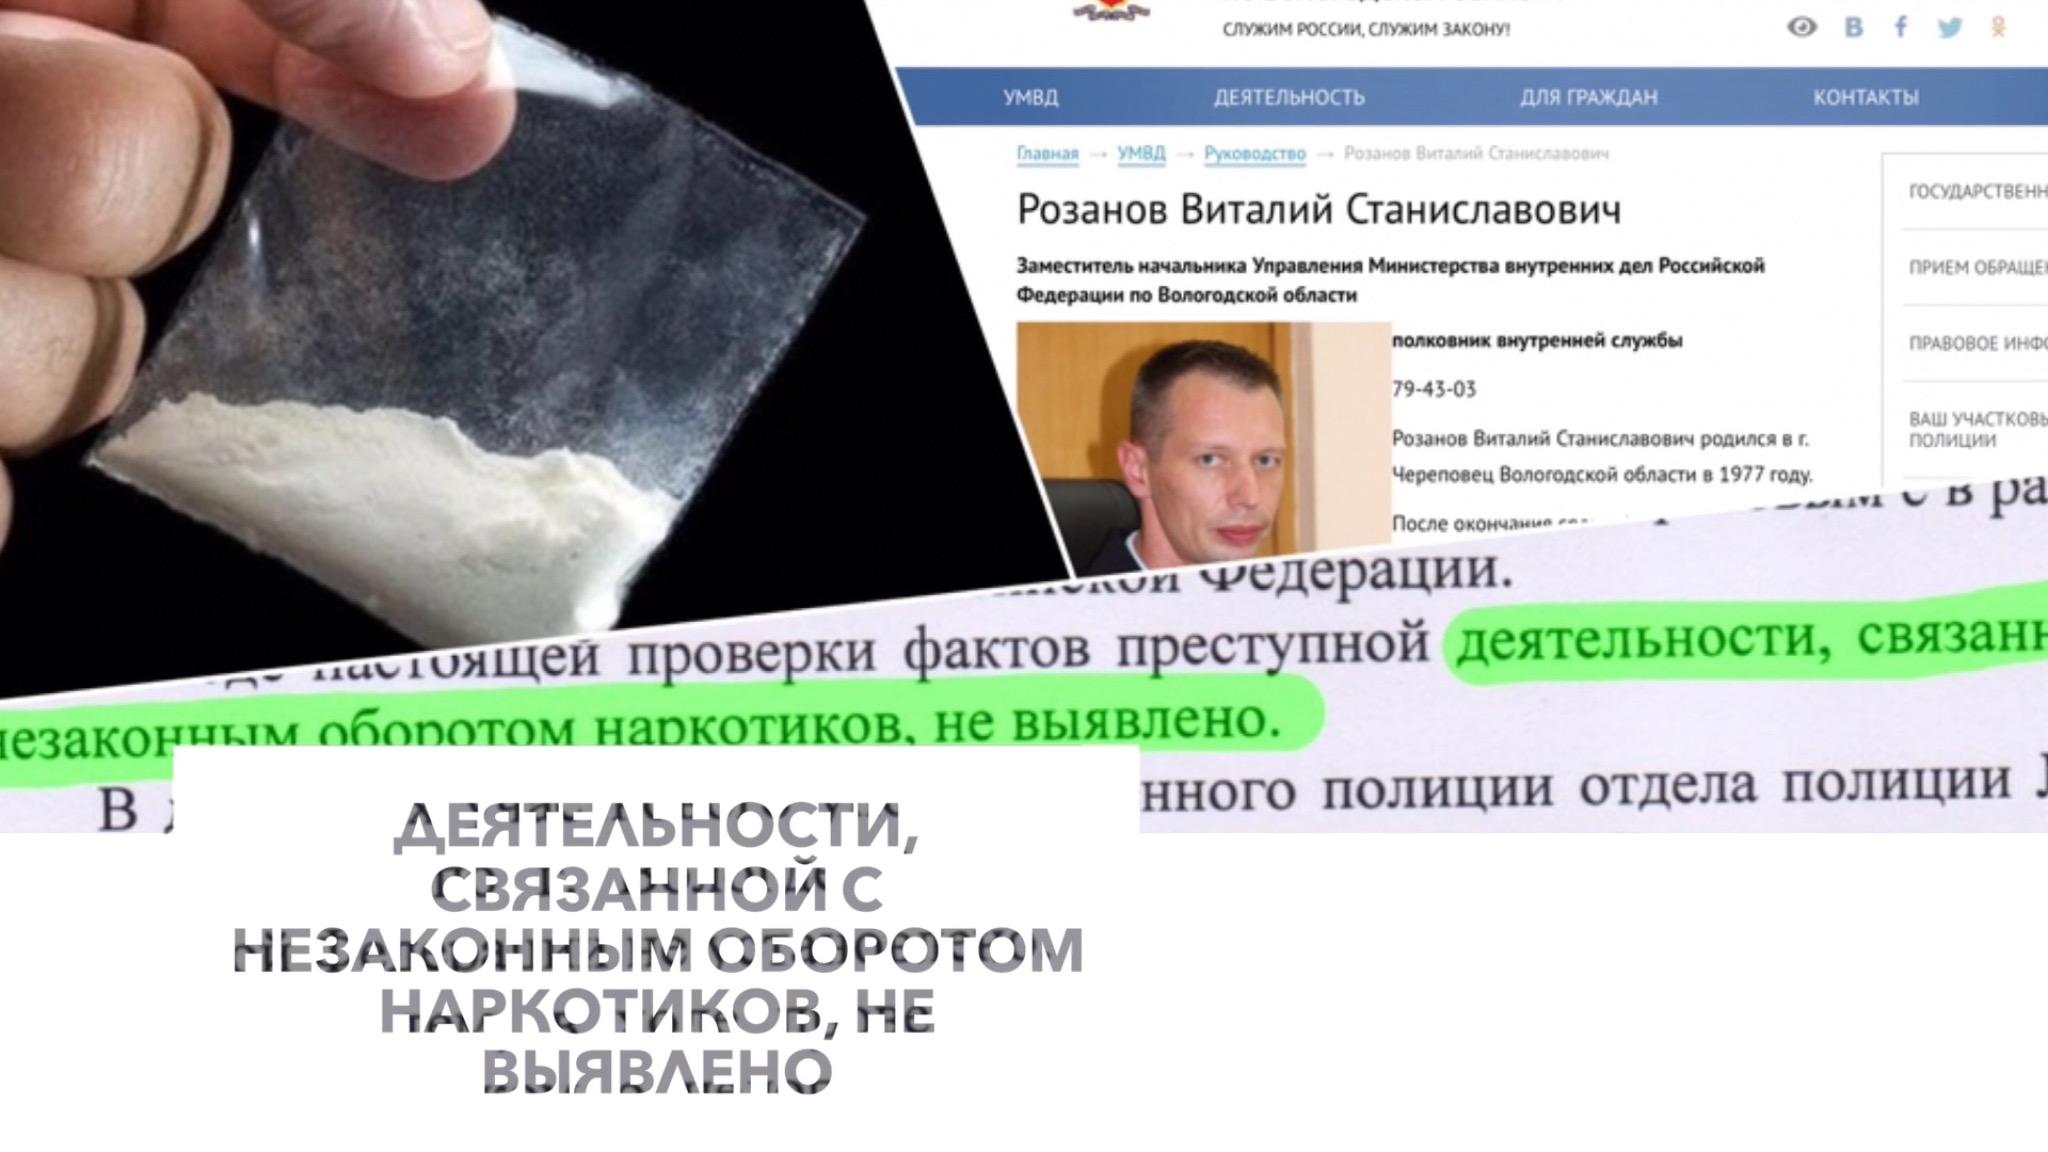 Деятельности, связанной с незаконным оборотом наркотиков, не выявлено